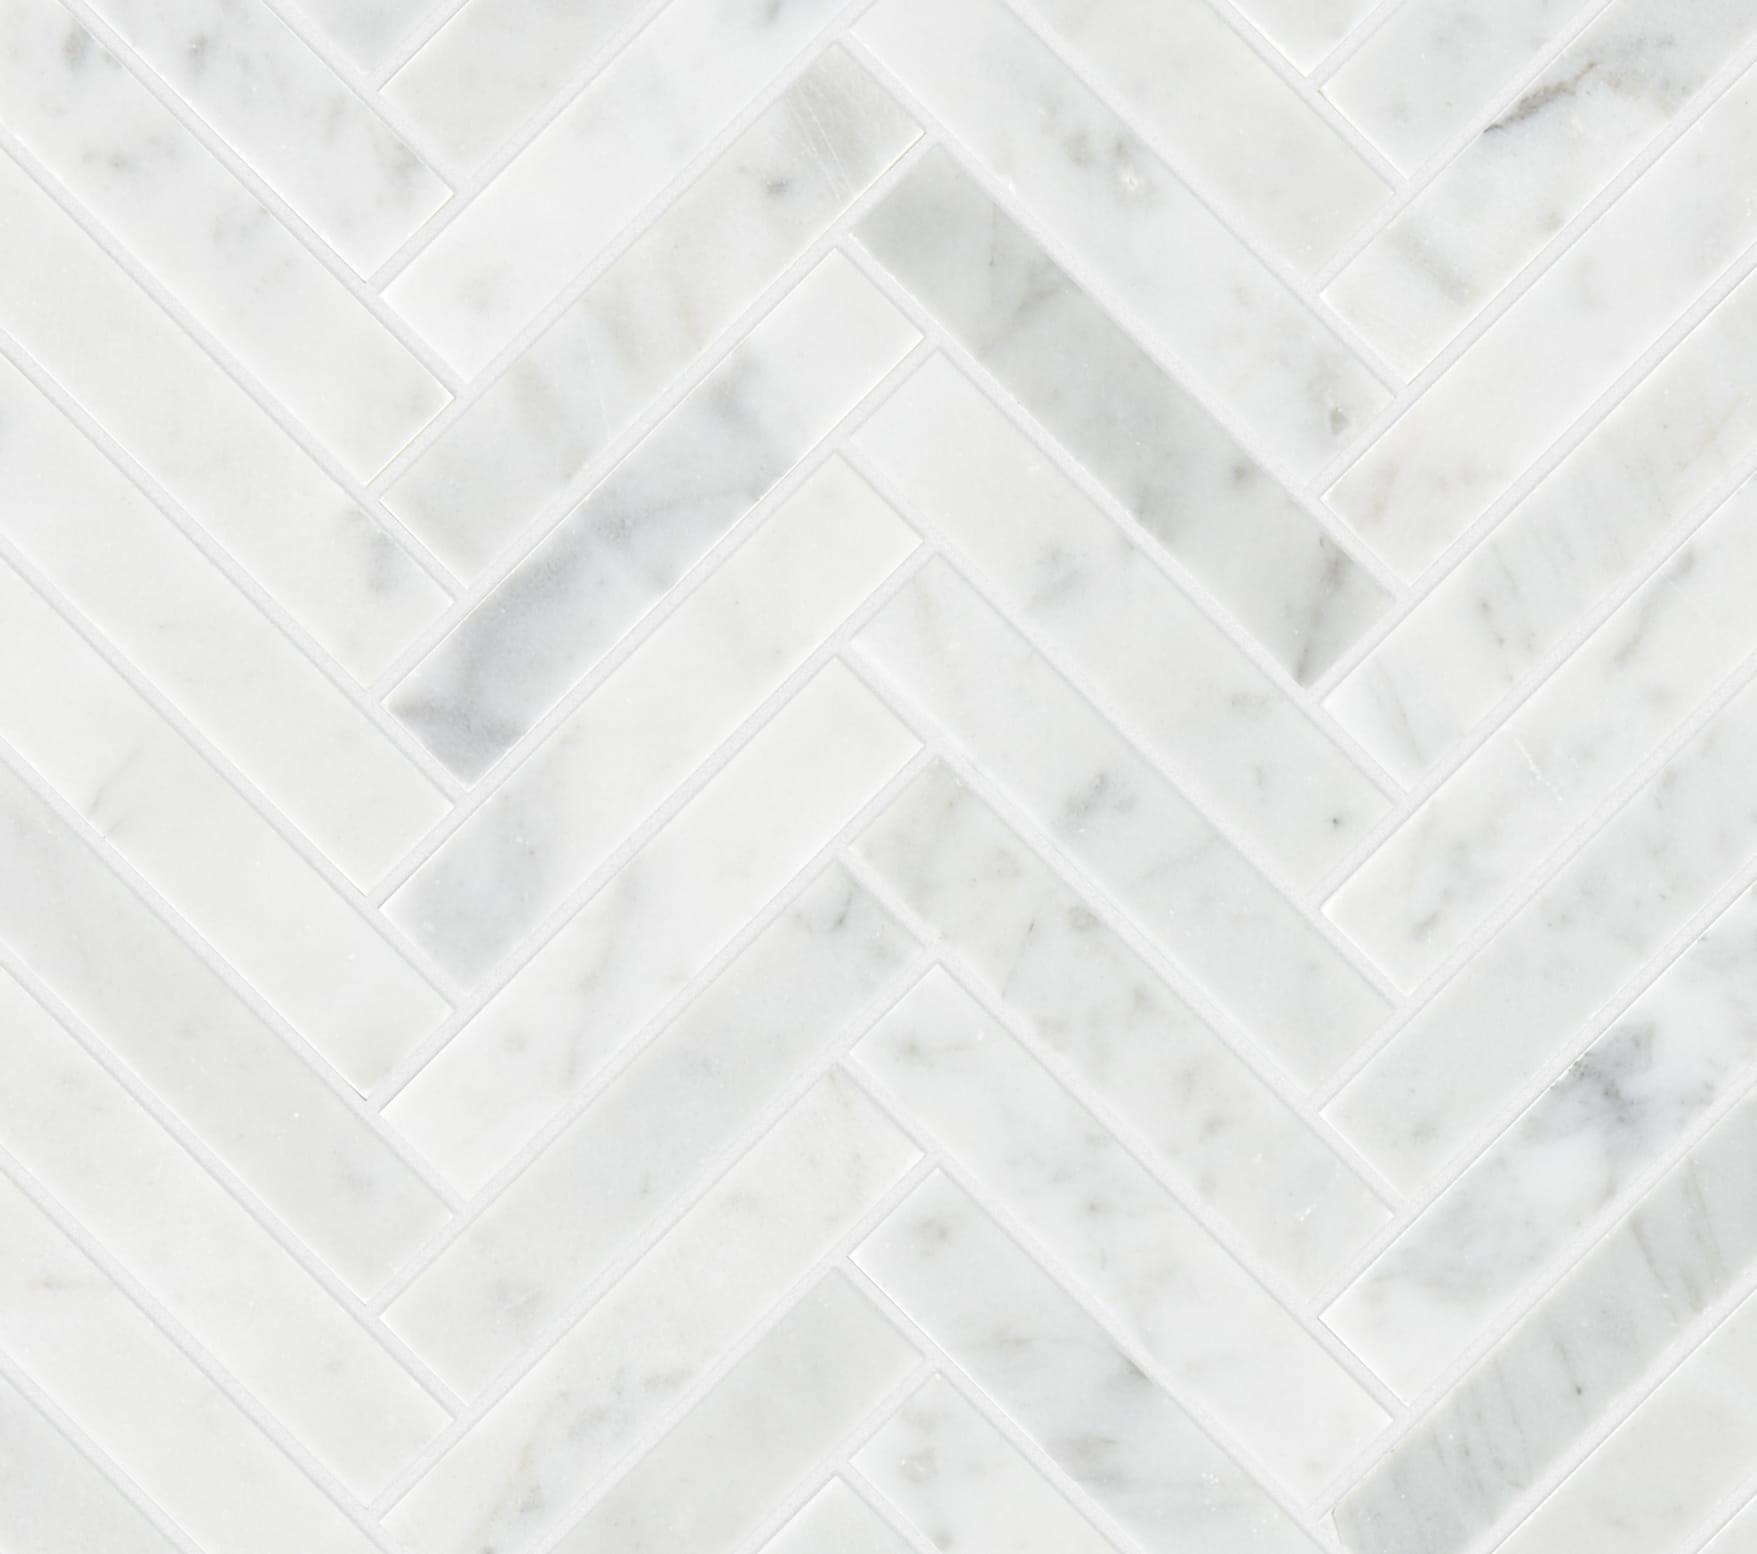 Carrara Honed Marble Herringbone Mosaic Tile Mandarin Stone